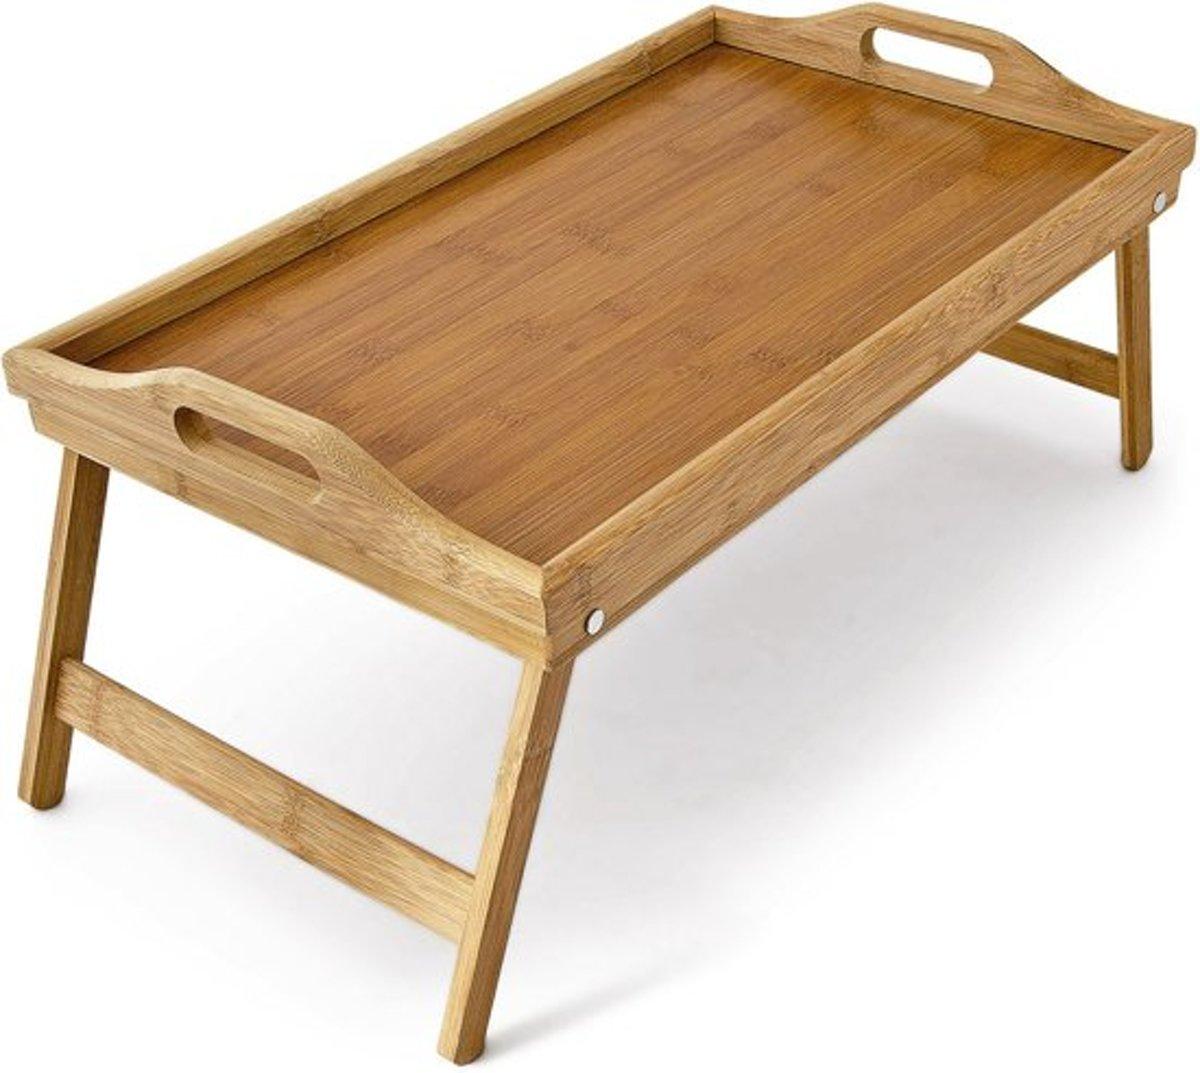 Relaxwonen Dienblad - Ontbijt op bed - Bamboe hout 50x30cm kopen